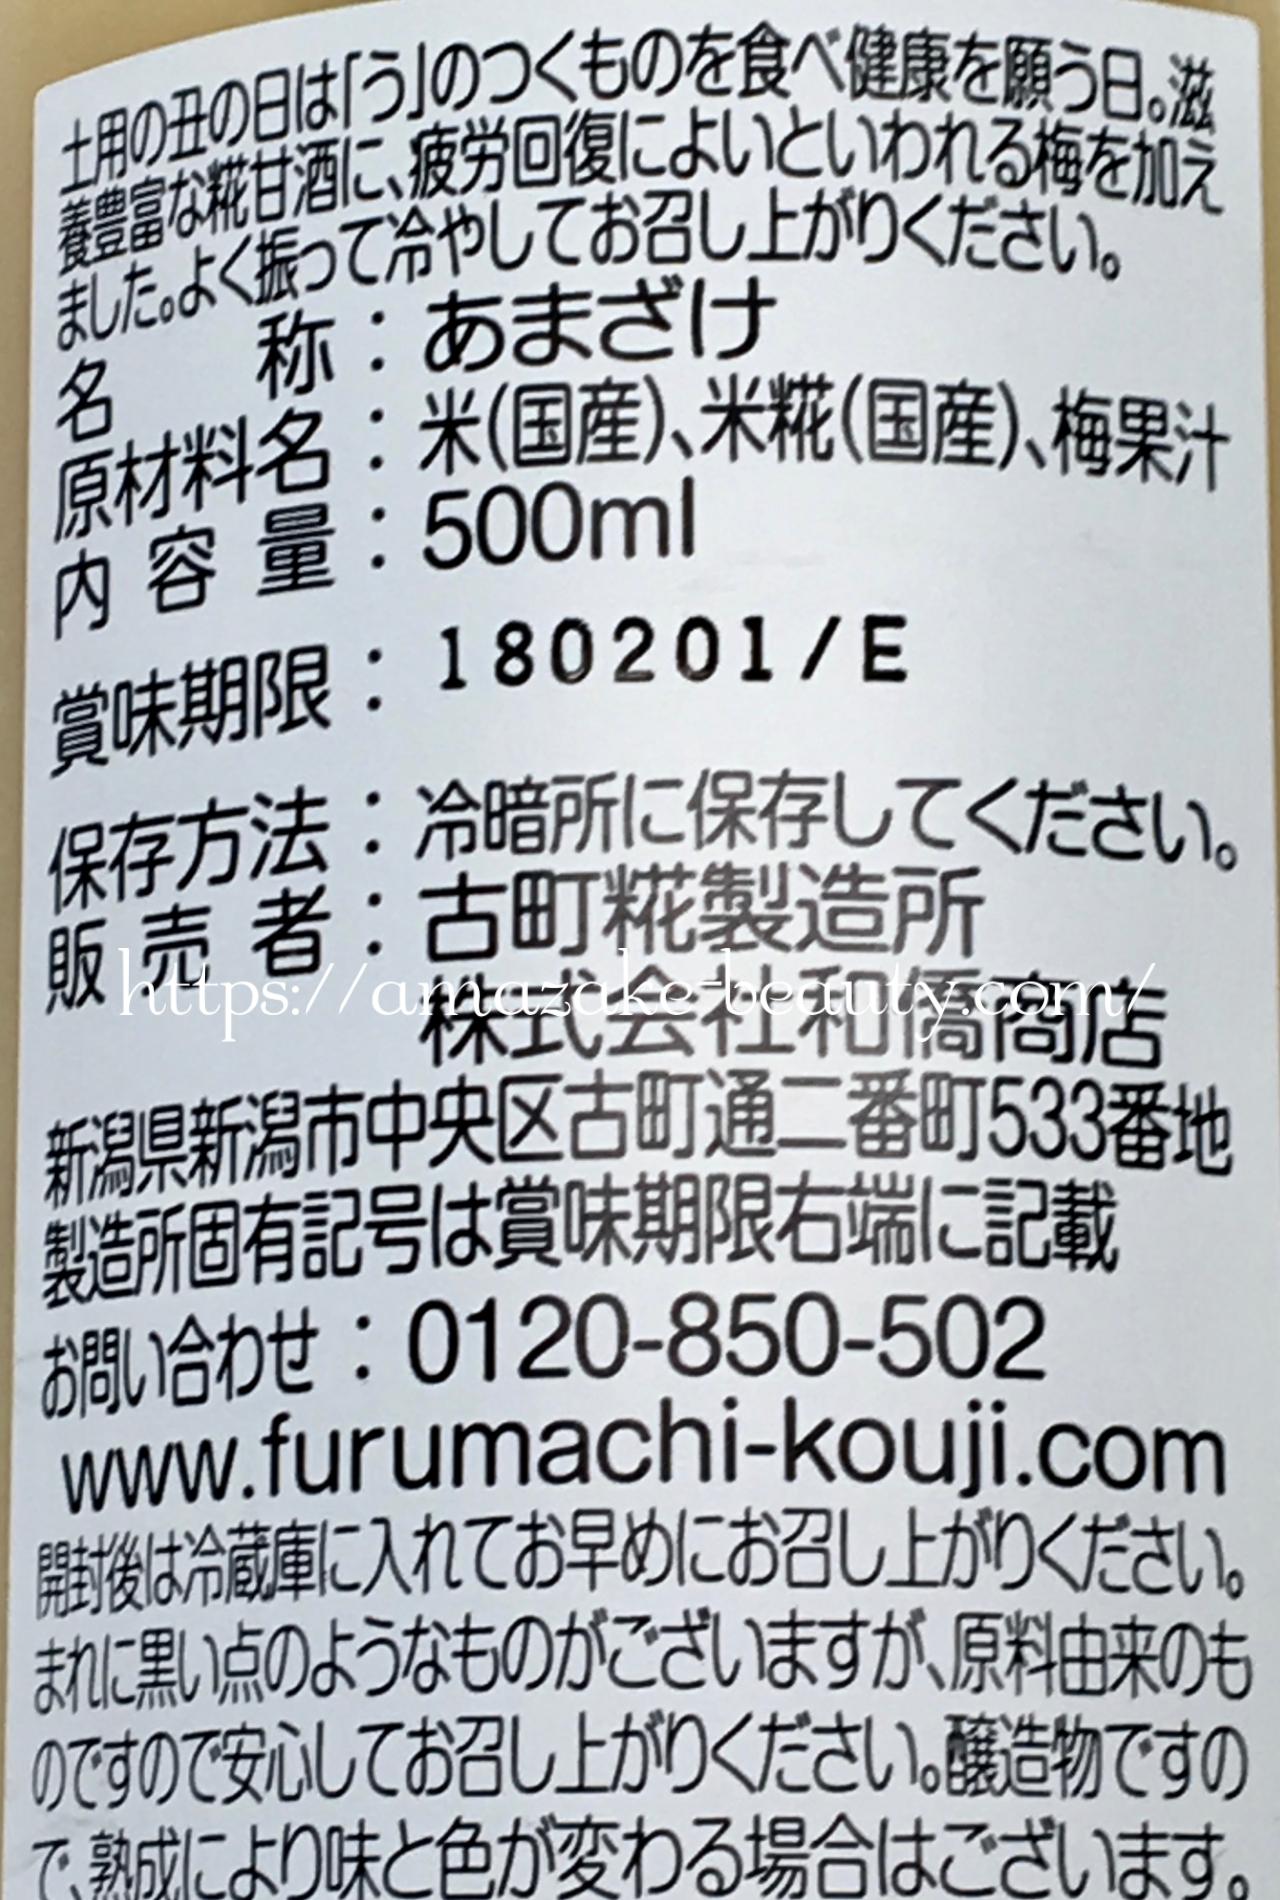 [amazake]furumachikoujiseizosho[ume koji](product description)